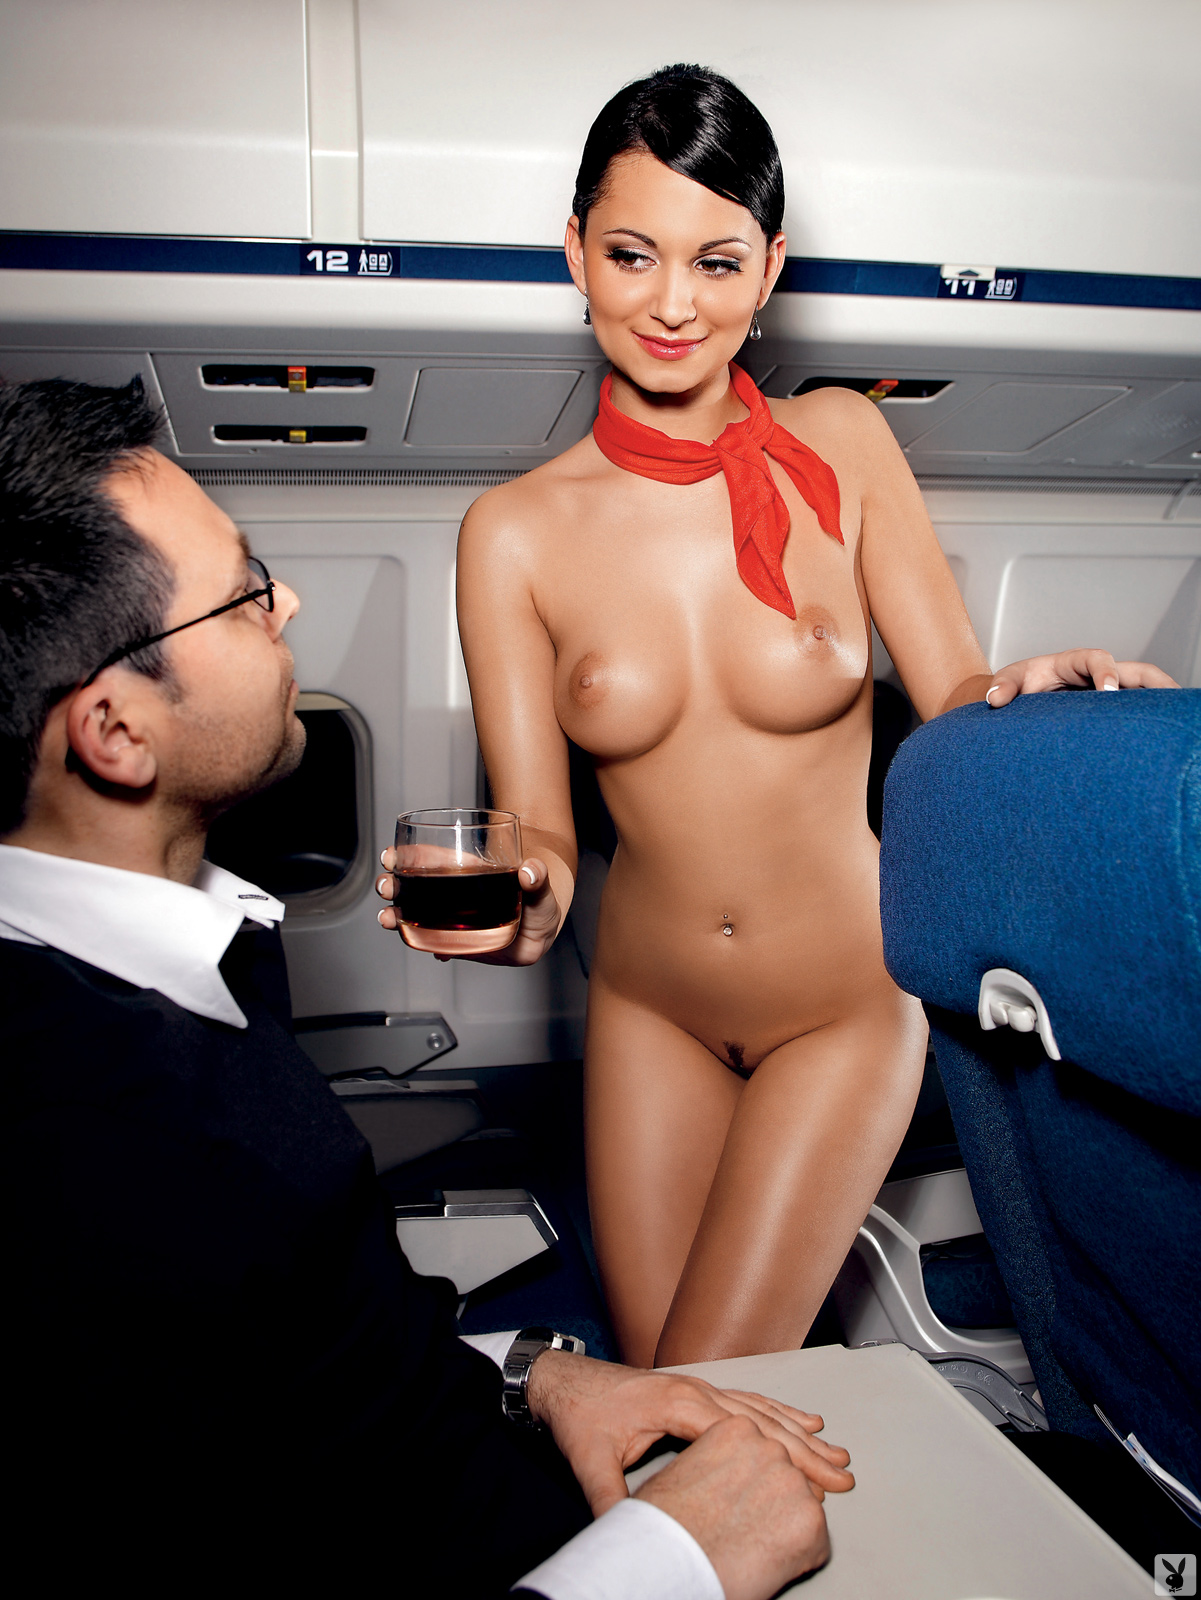 стюардессы вип класса порно фильм смотреть онлайн